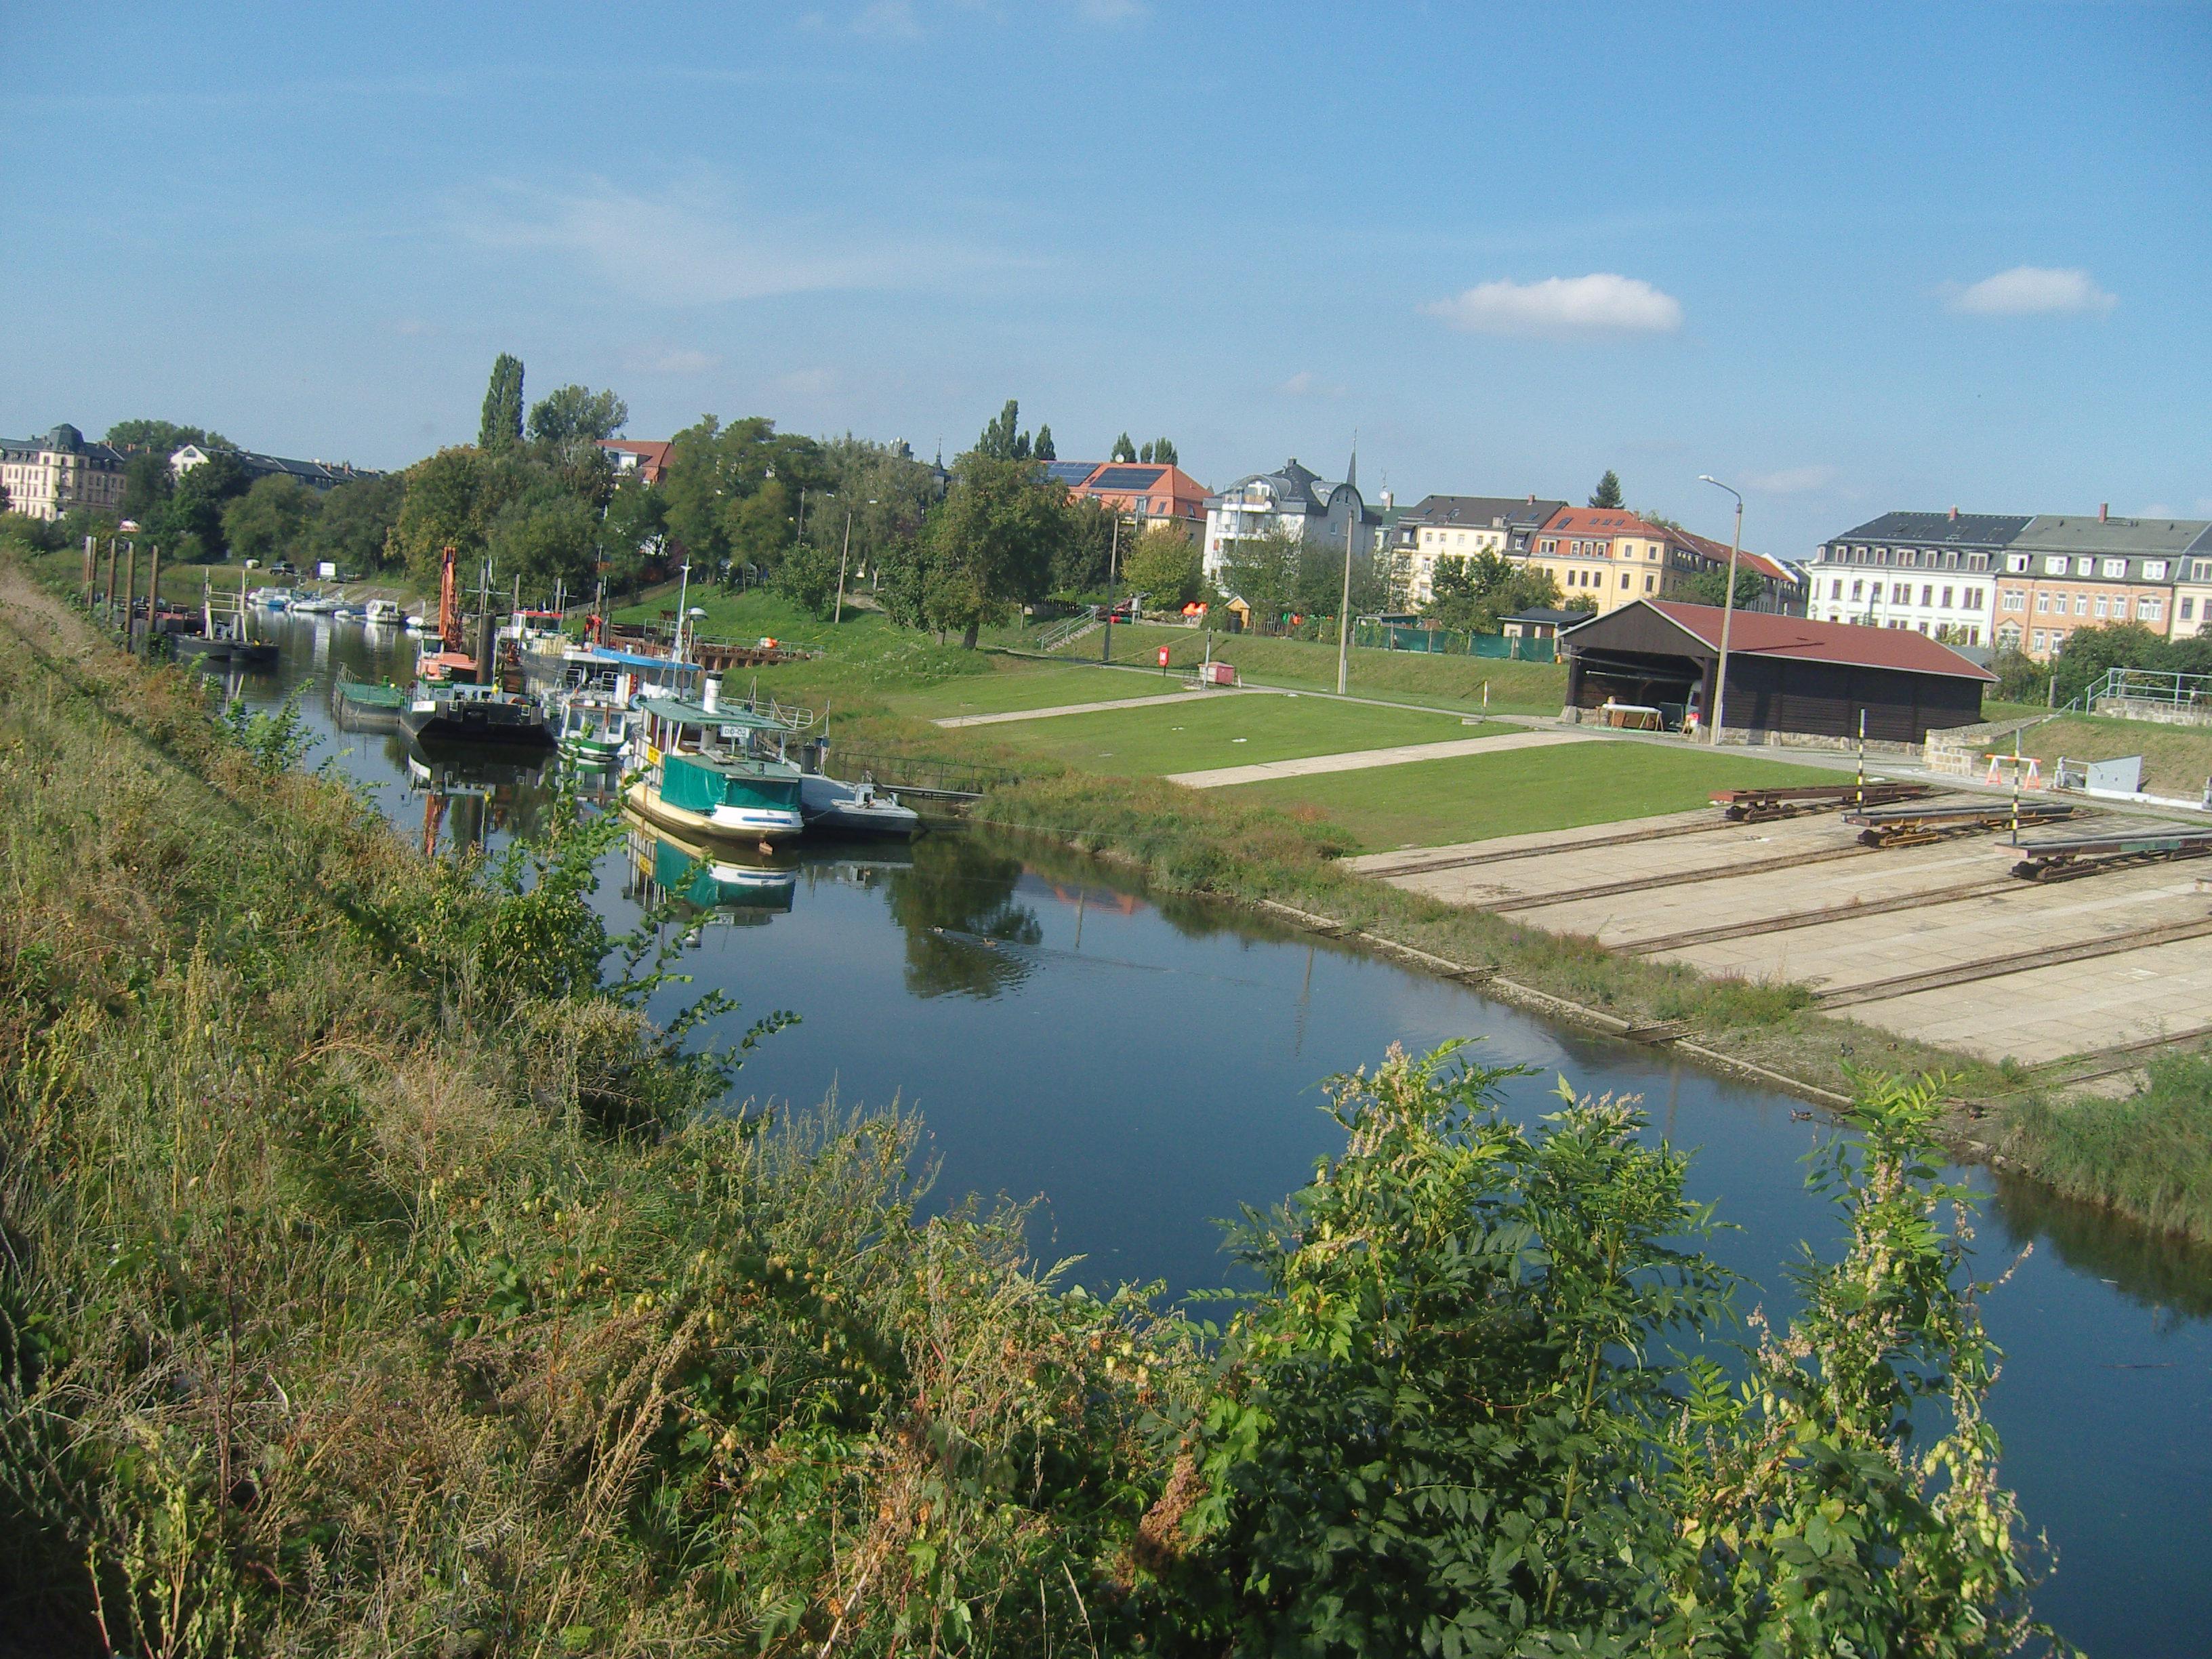 Pieschener Hafen, CC BY-SA Z thomas